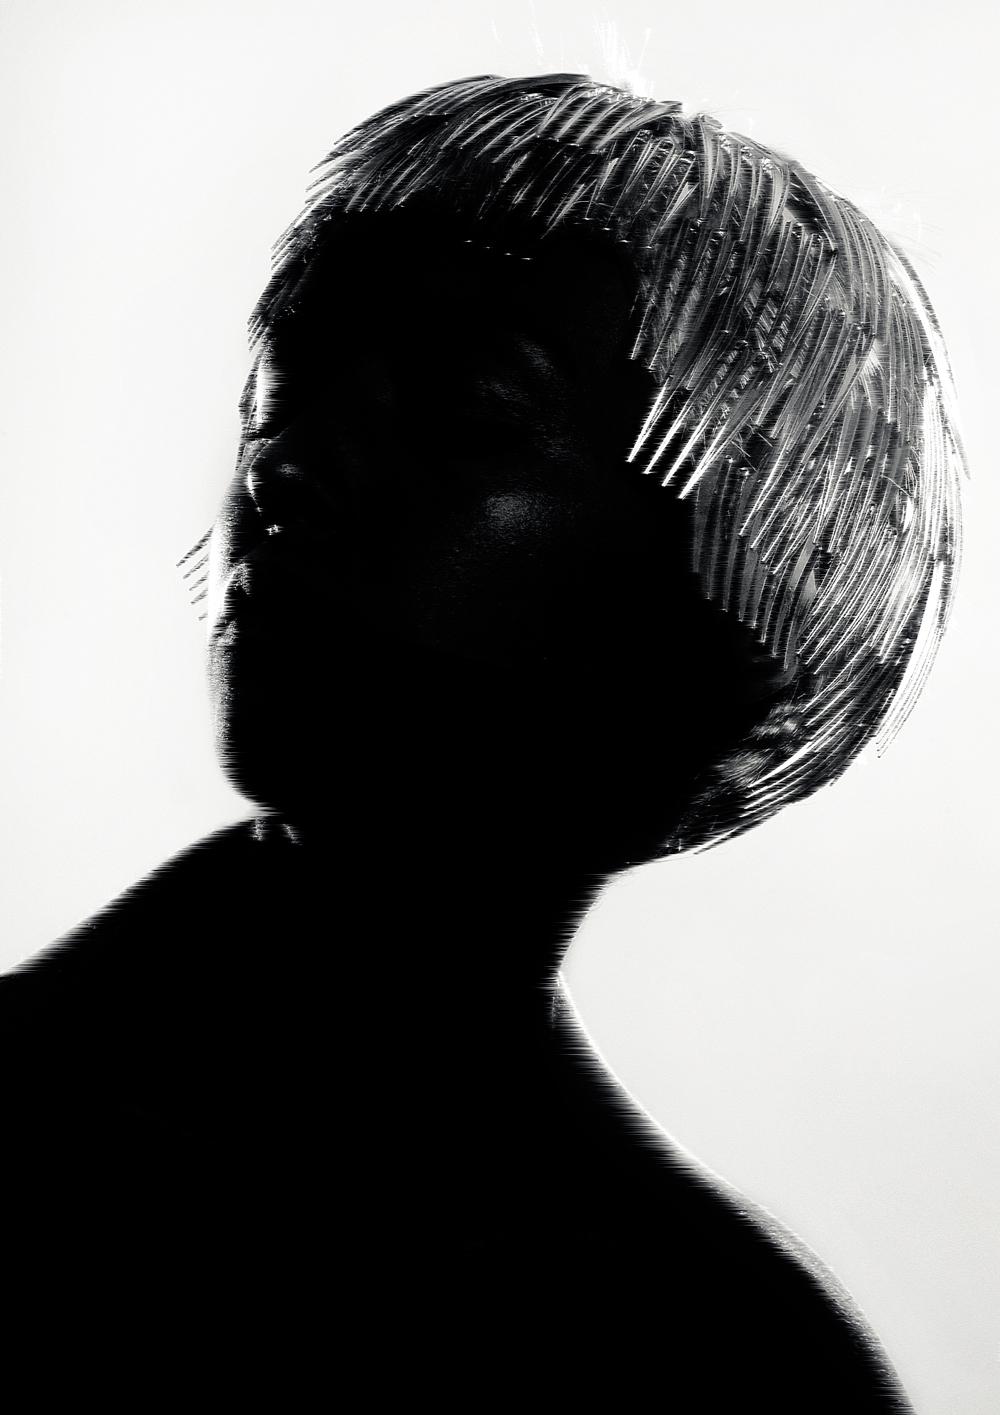 web-Wade Blackford-AHFA-Avante Gard-2014-Chumba Concept Salon_0011.jpg